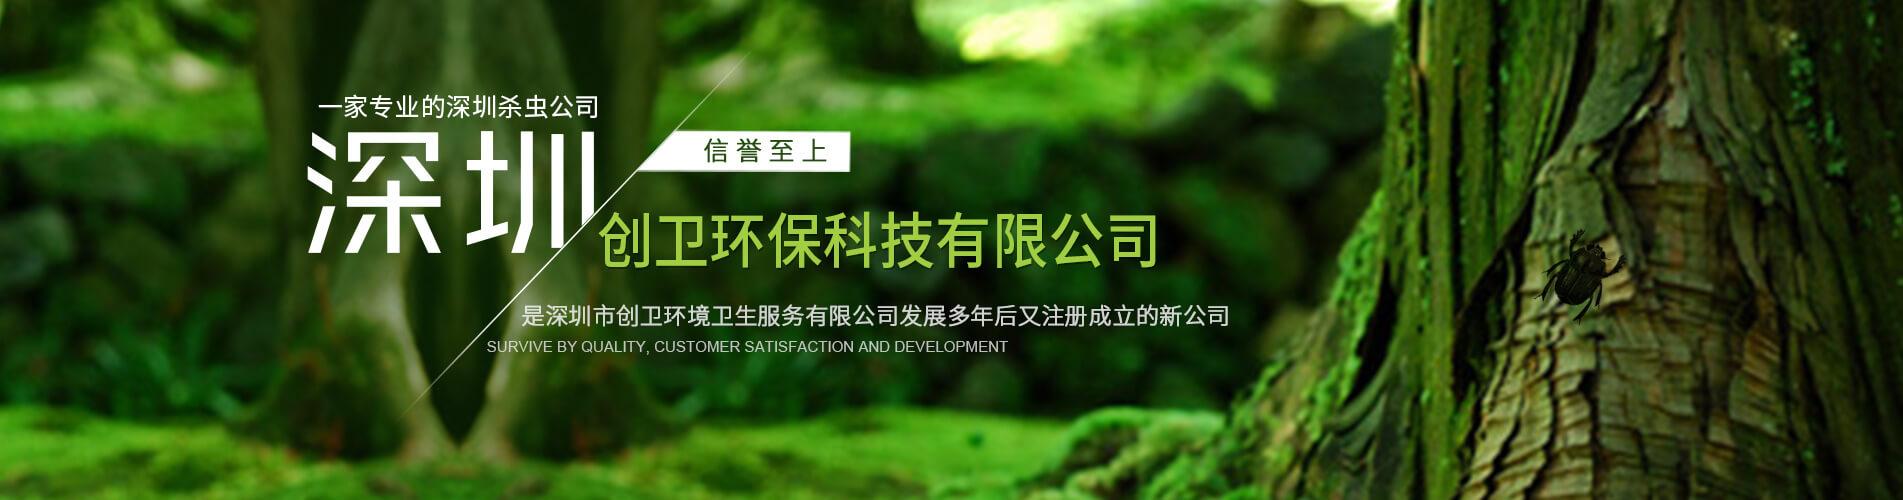 深圳创卫杀虫公司400-000-2152,专业灭鼠,杀蟑螂、杀臭虫、灭白蚁、白蚁防治服务公司